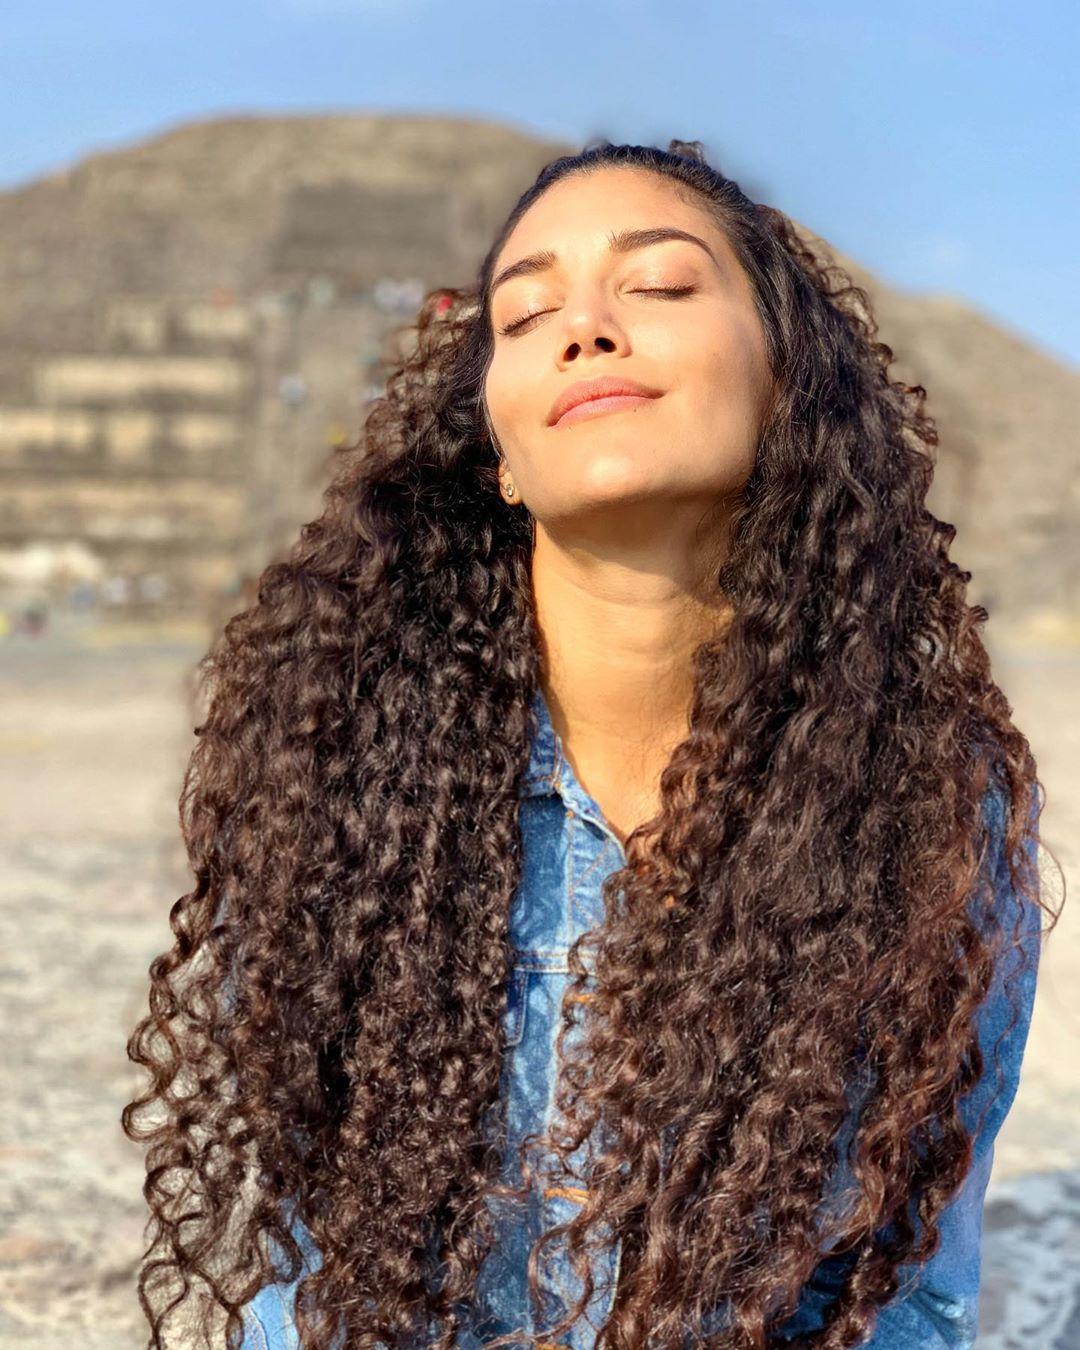 georgina vargas, candidata a miss mexico 2020, representando coahuila. - Página 3 75538119